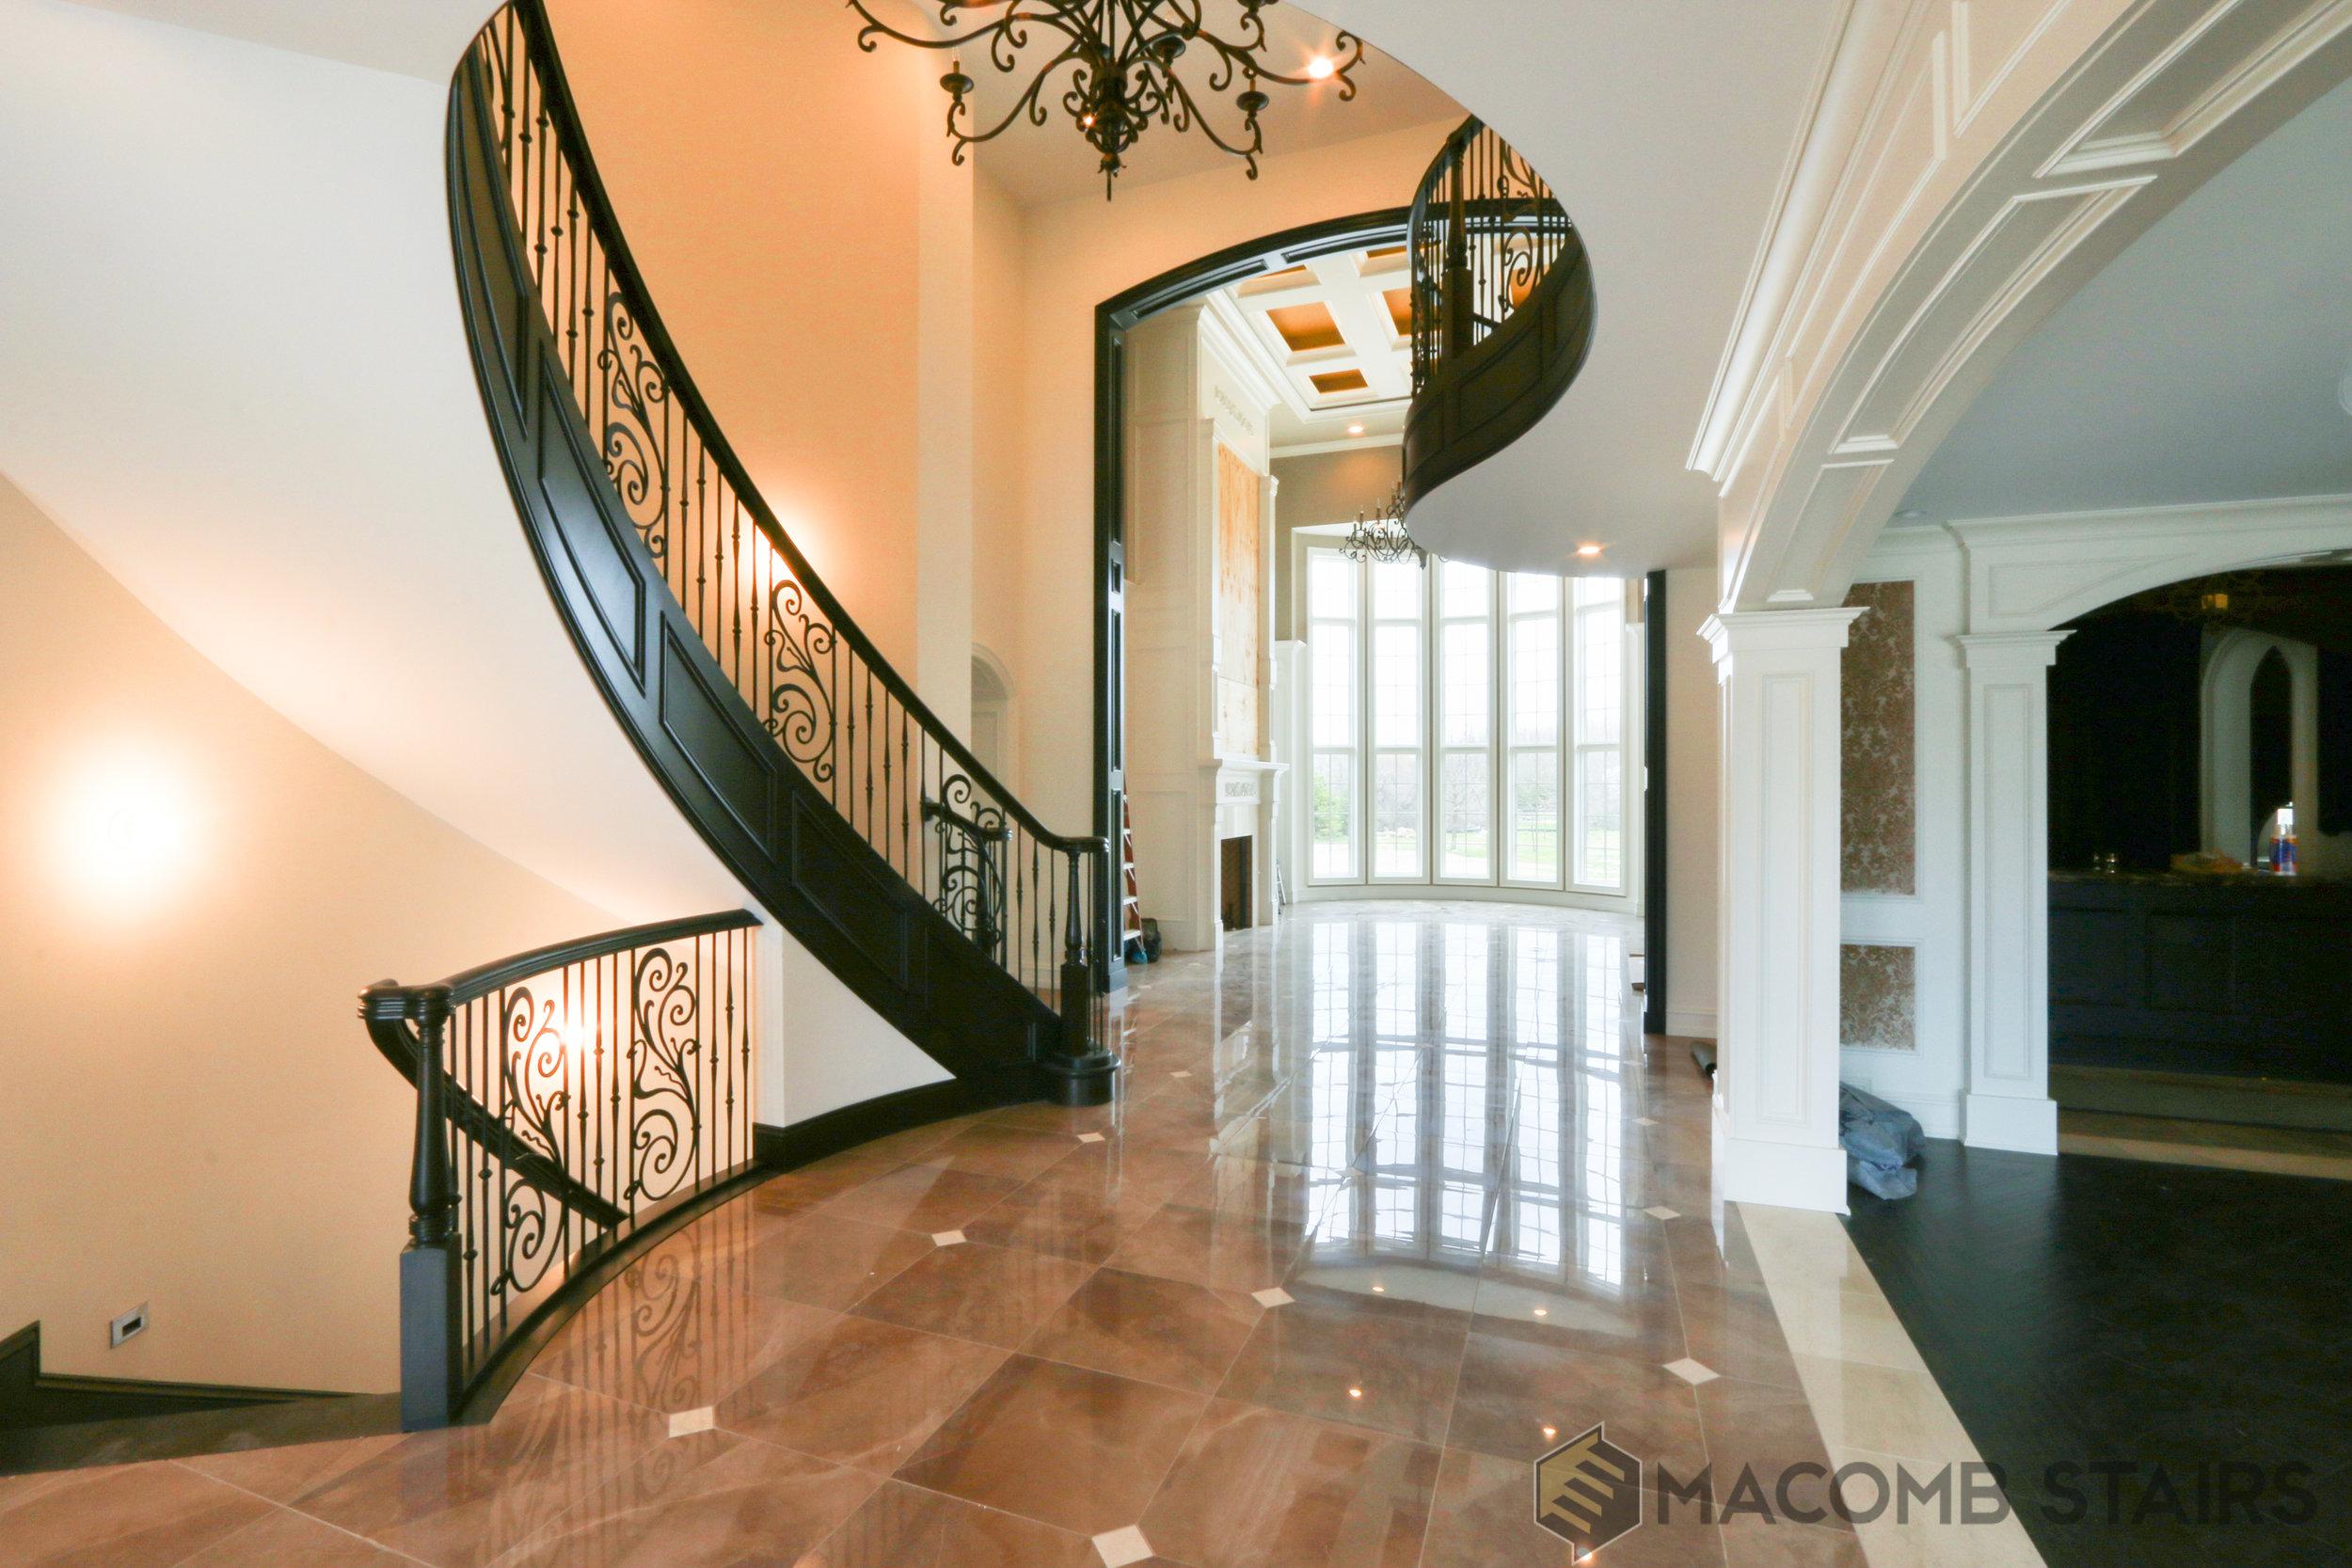 Macimb Stairs- Stair Photo-6-2.jpg